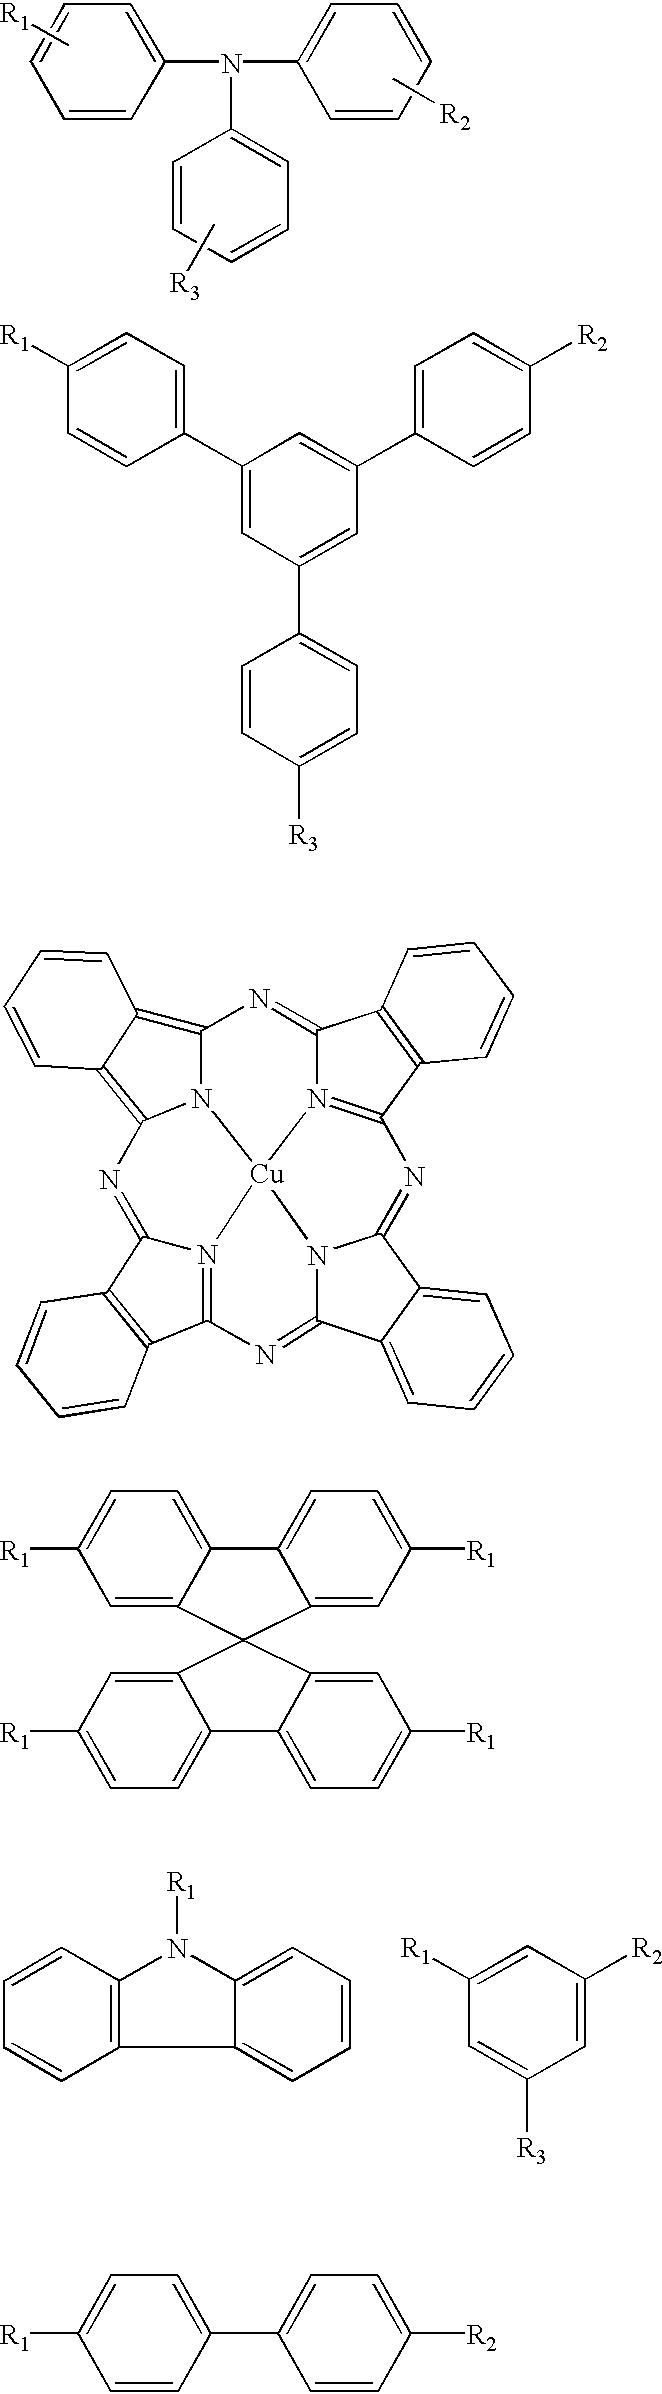 Figure US20030087127A1-20030508-C00001